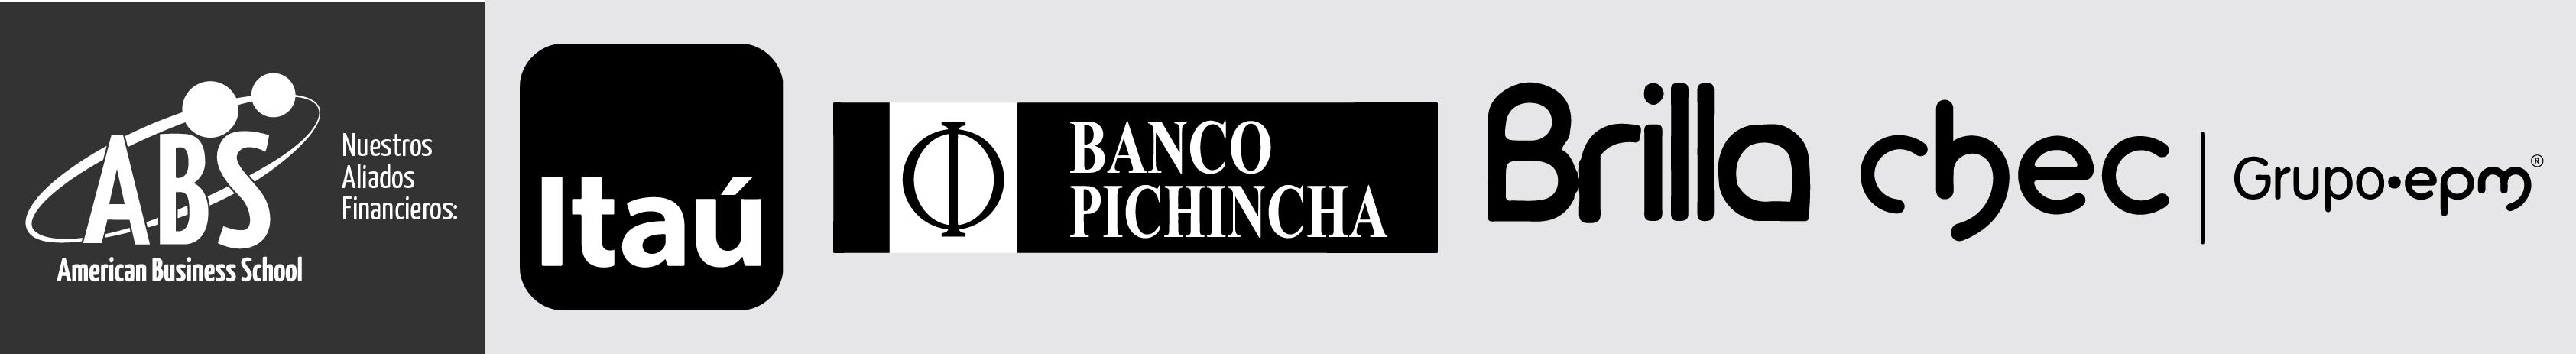 Banner Aliados Financieros-01